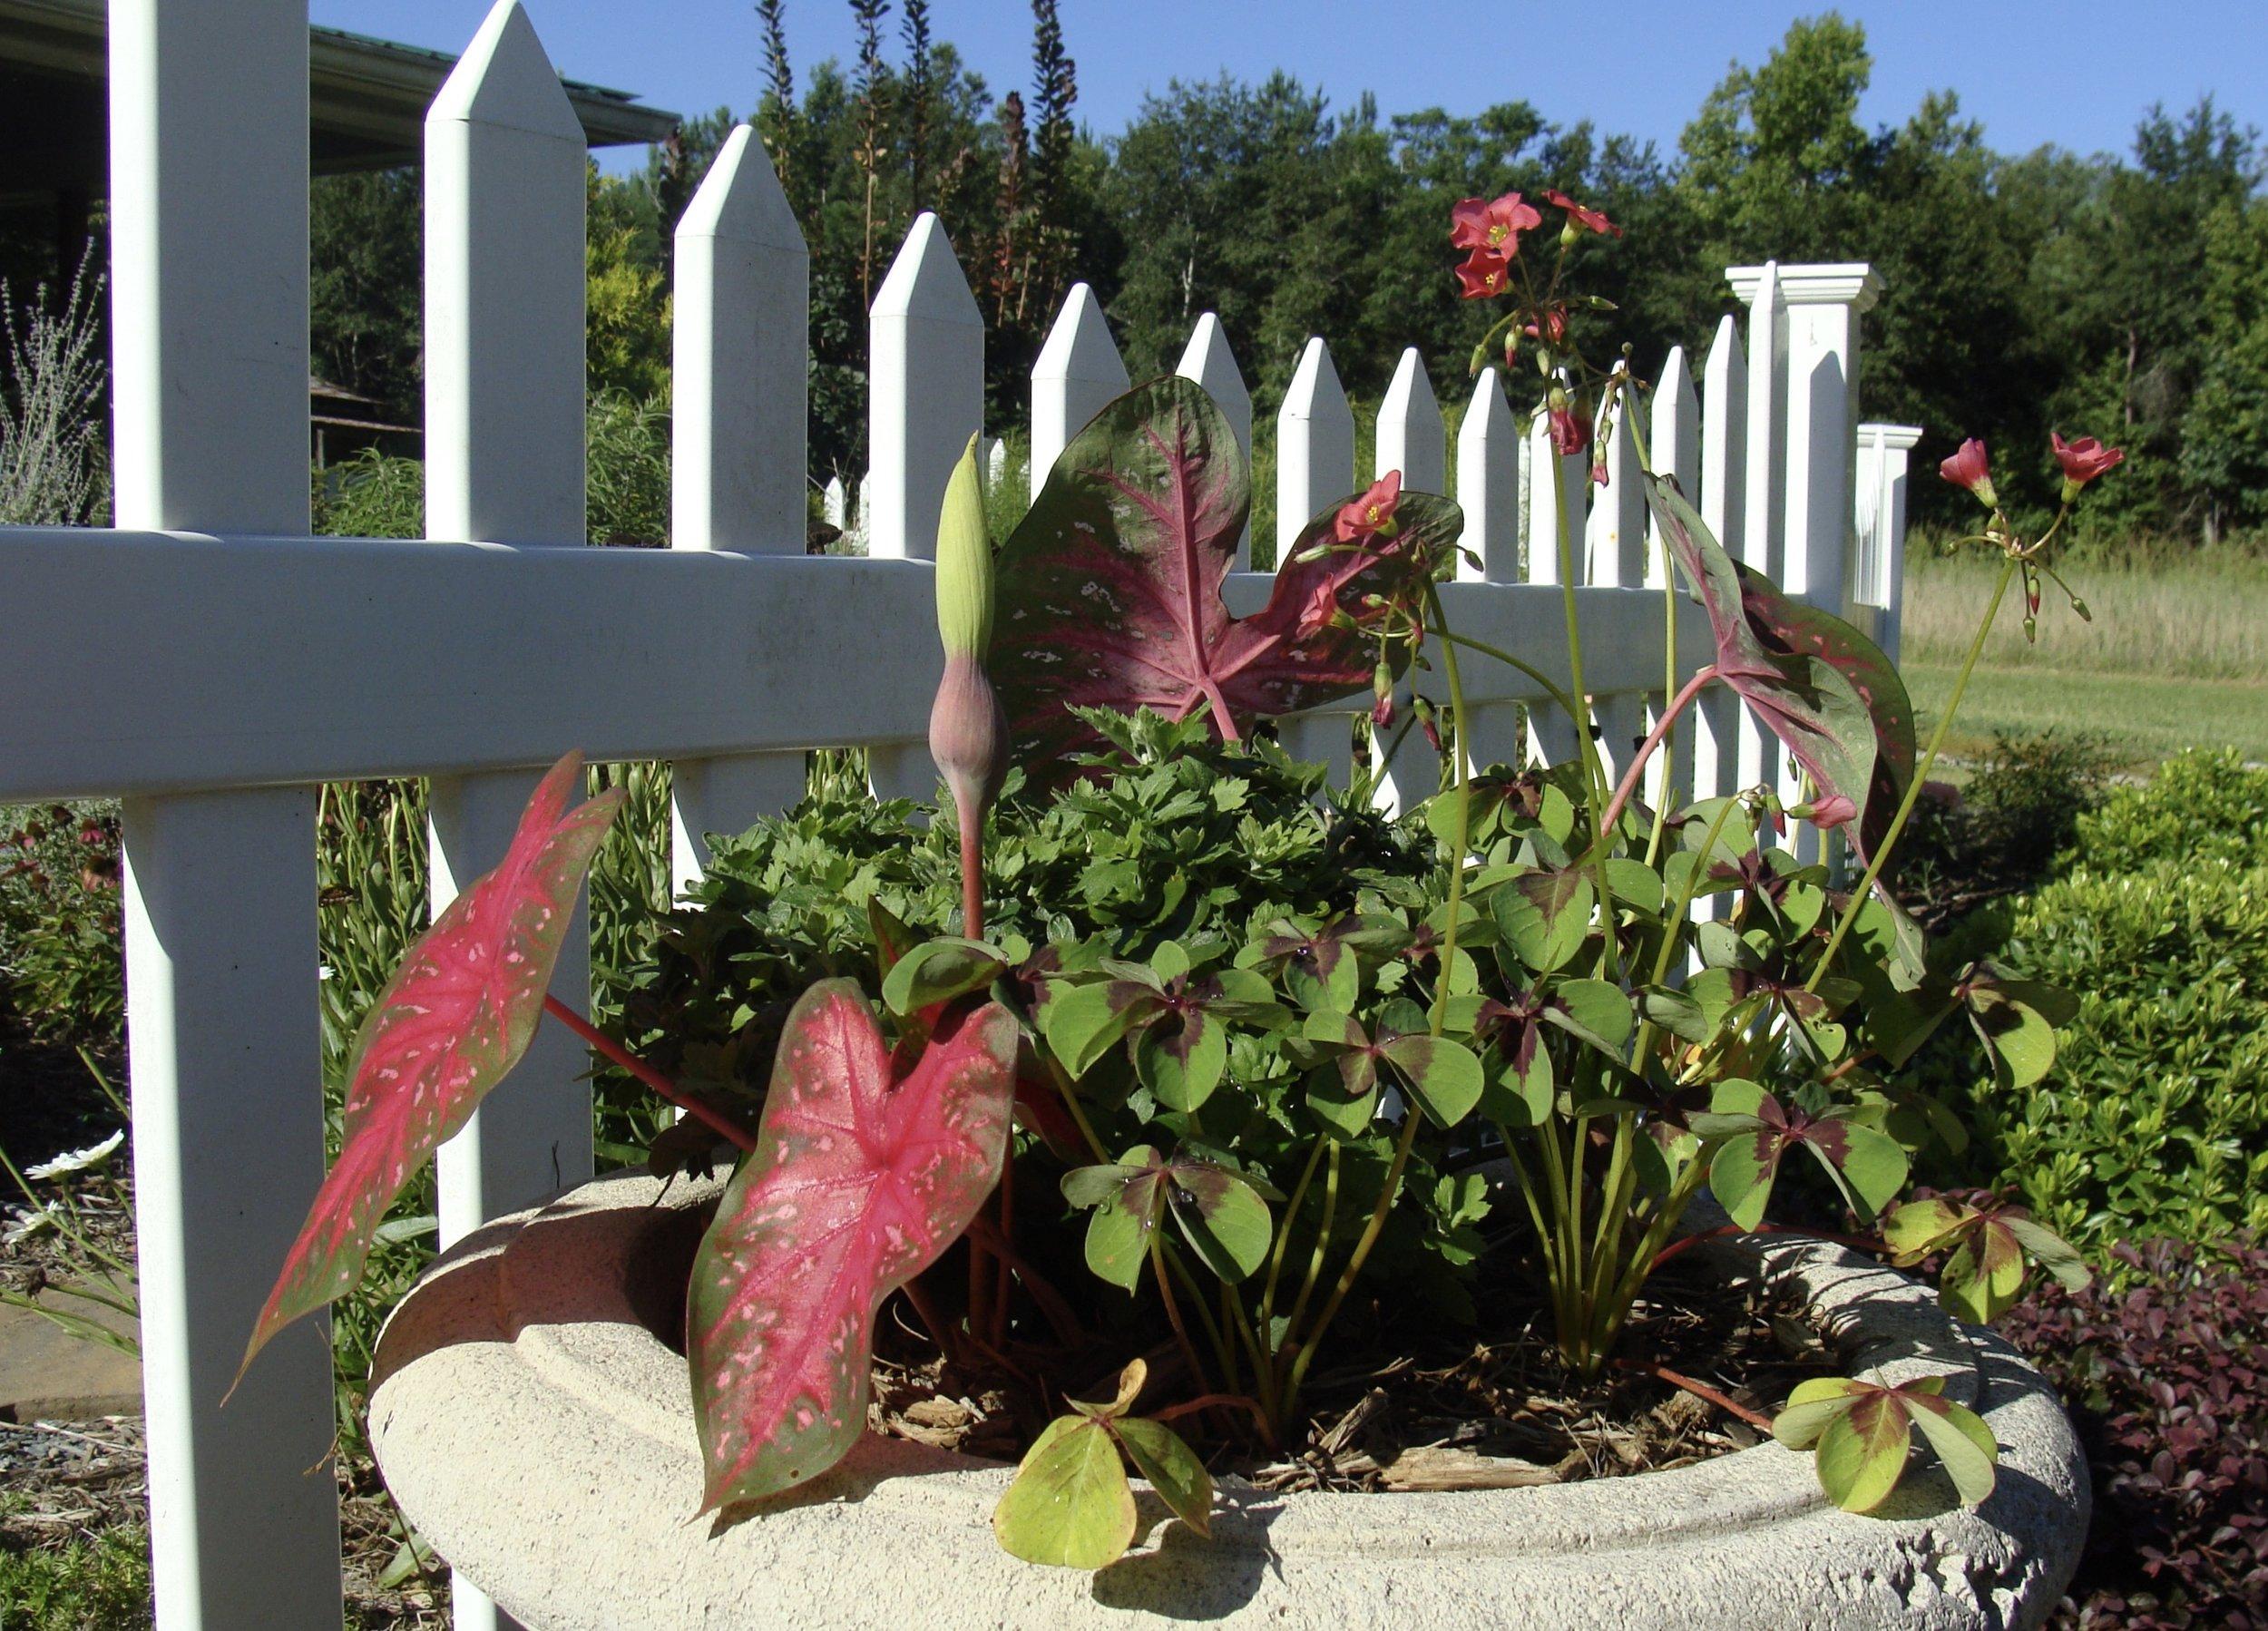 Container Garden of Summer perennial bulbs - Caladium & Oxalis